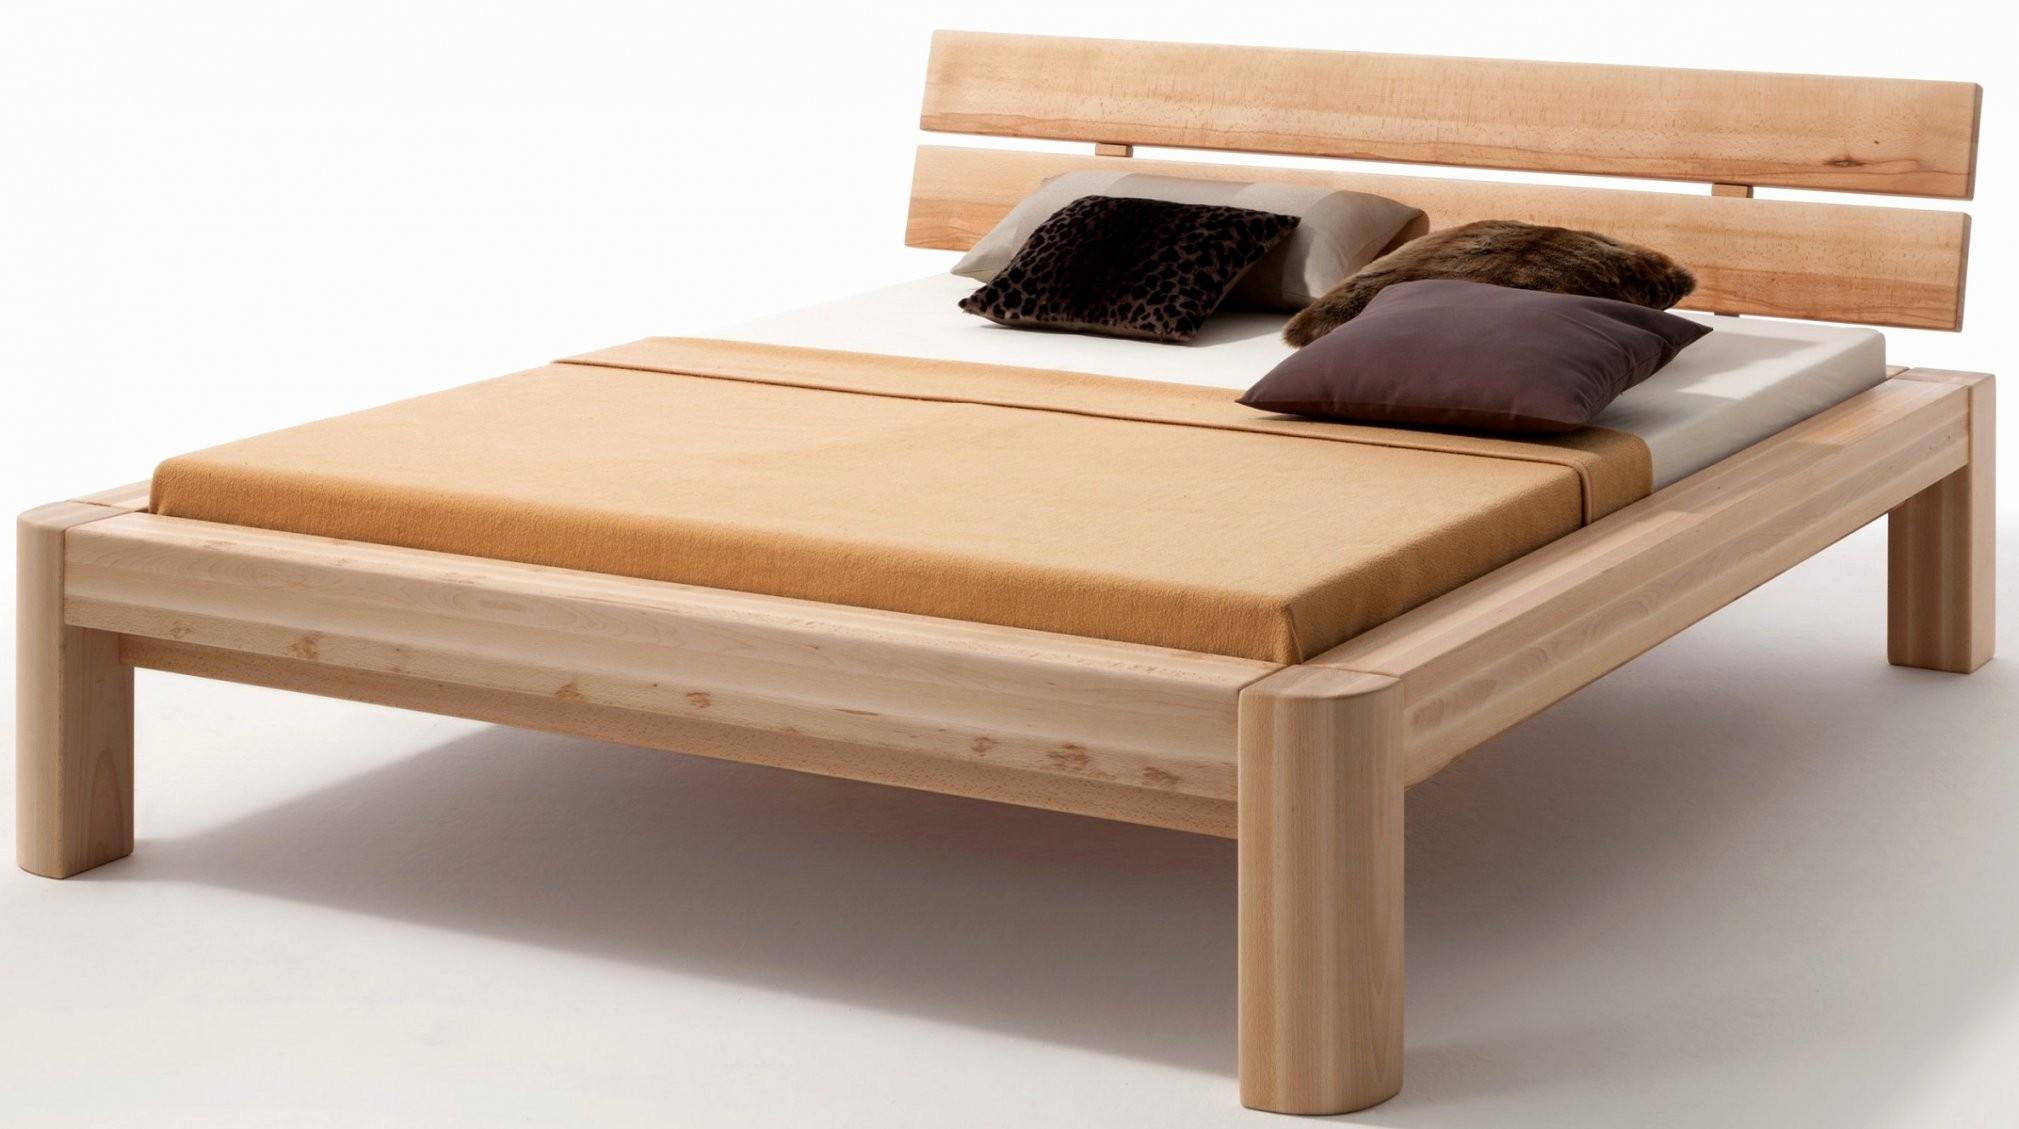 Bett 140×200 Gebraucht Komfort Bett Holz 140—200 Plus Staffelung von Bettgestell 140X200 Gebraucht Photo